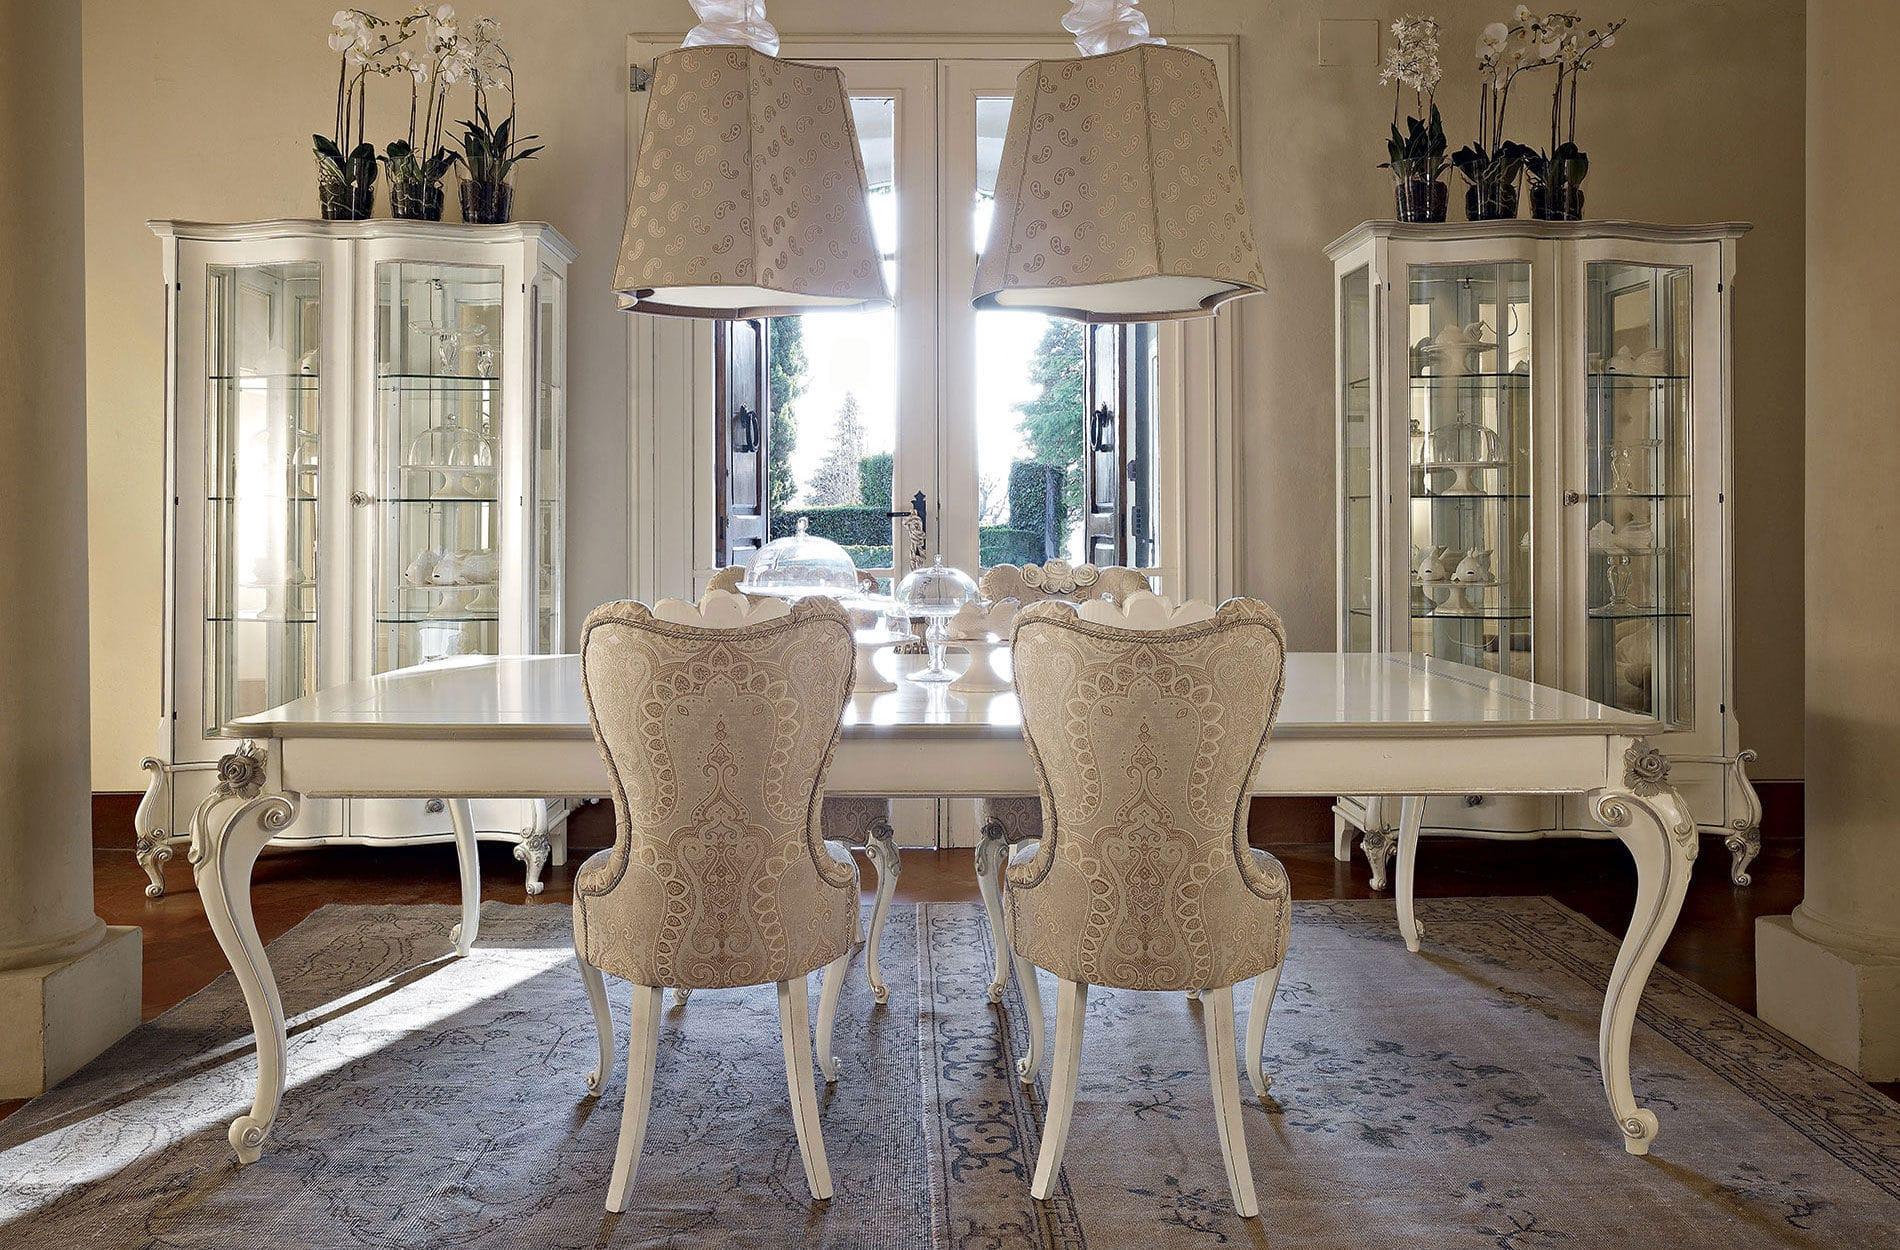 Credenza Con Alzata In Stile : Credenza con alzata in stile vetro legno capri volpi